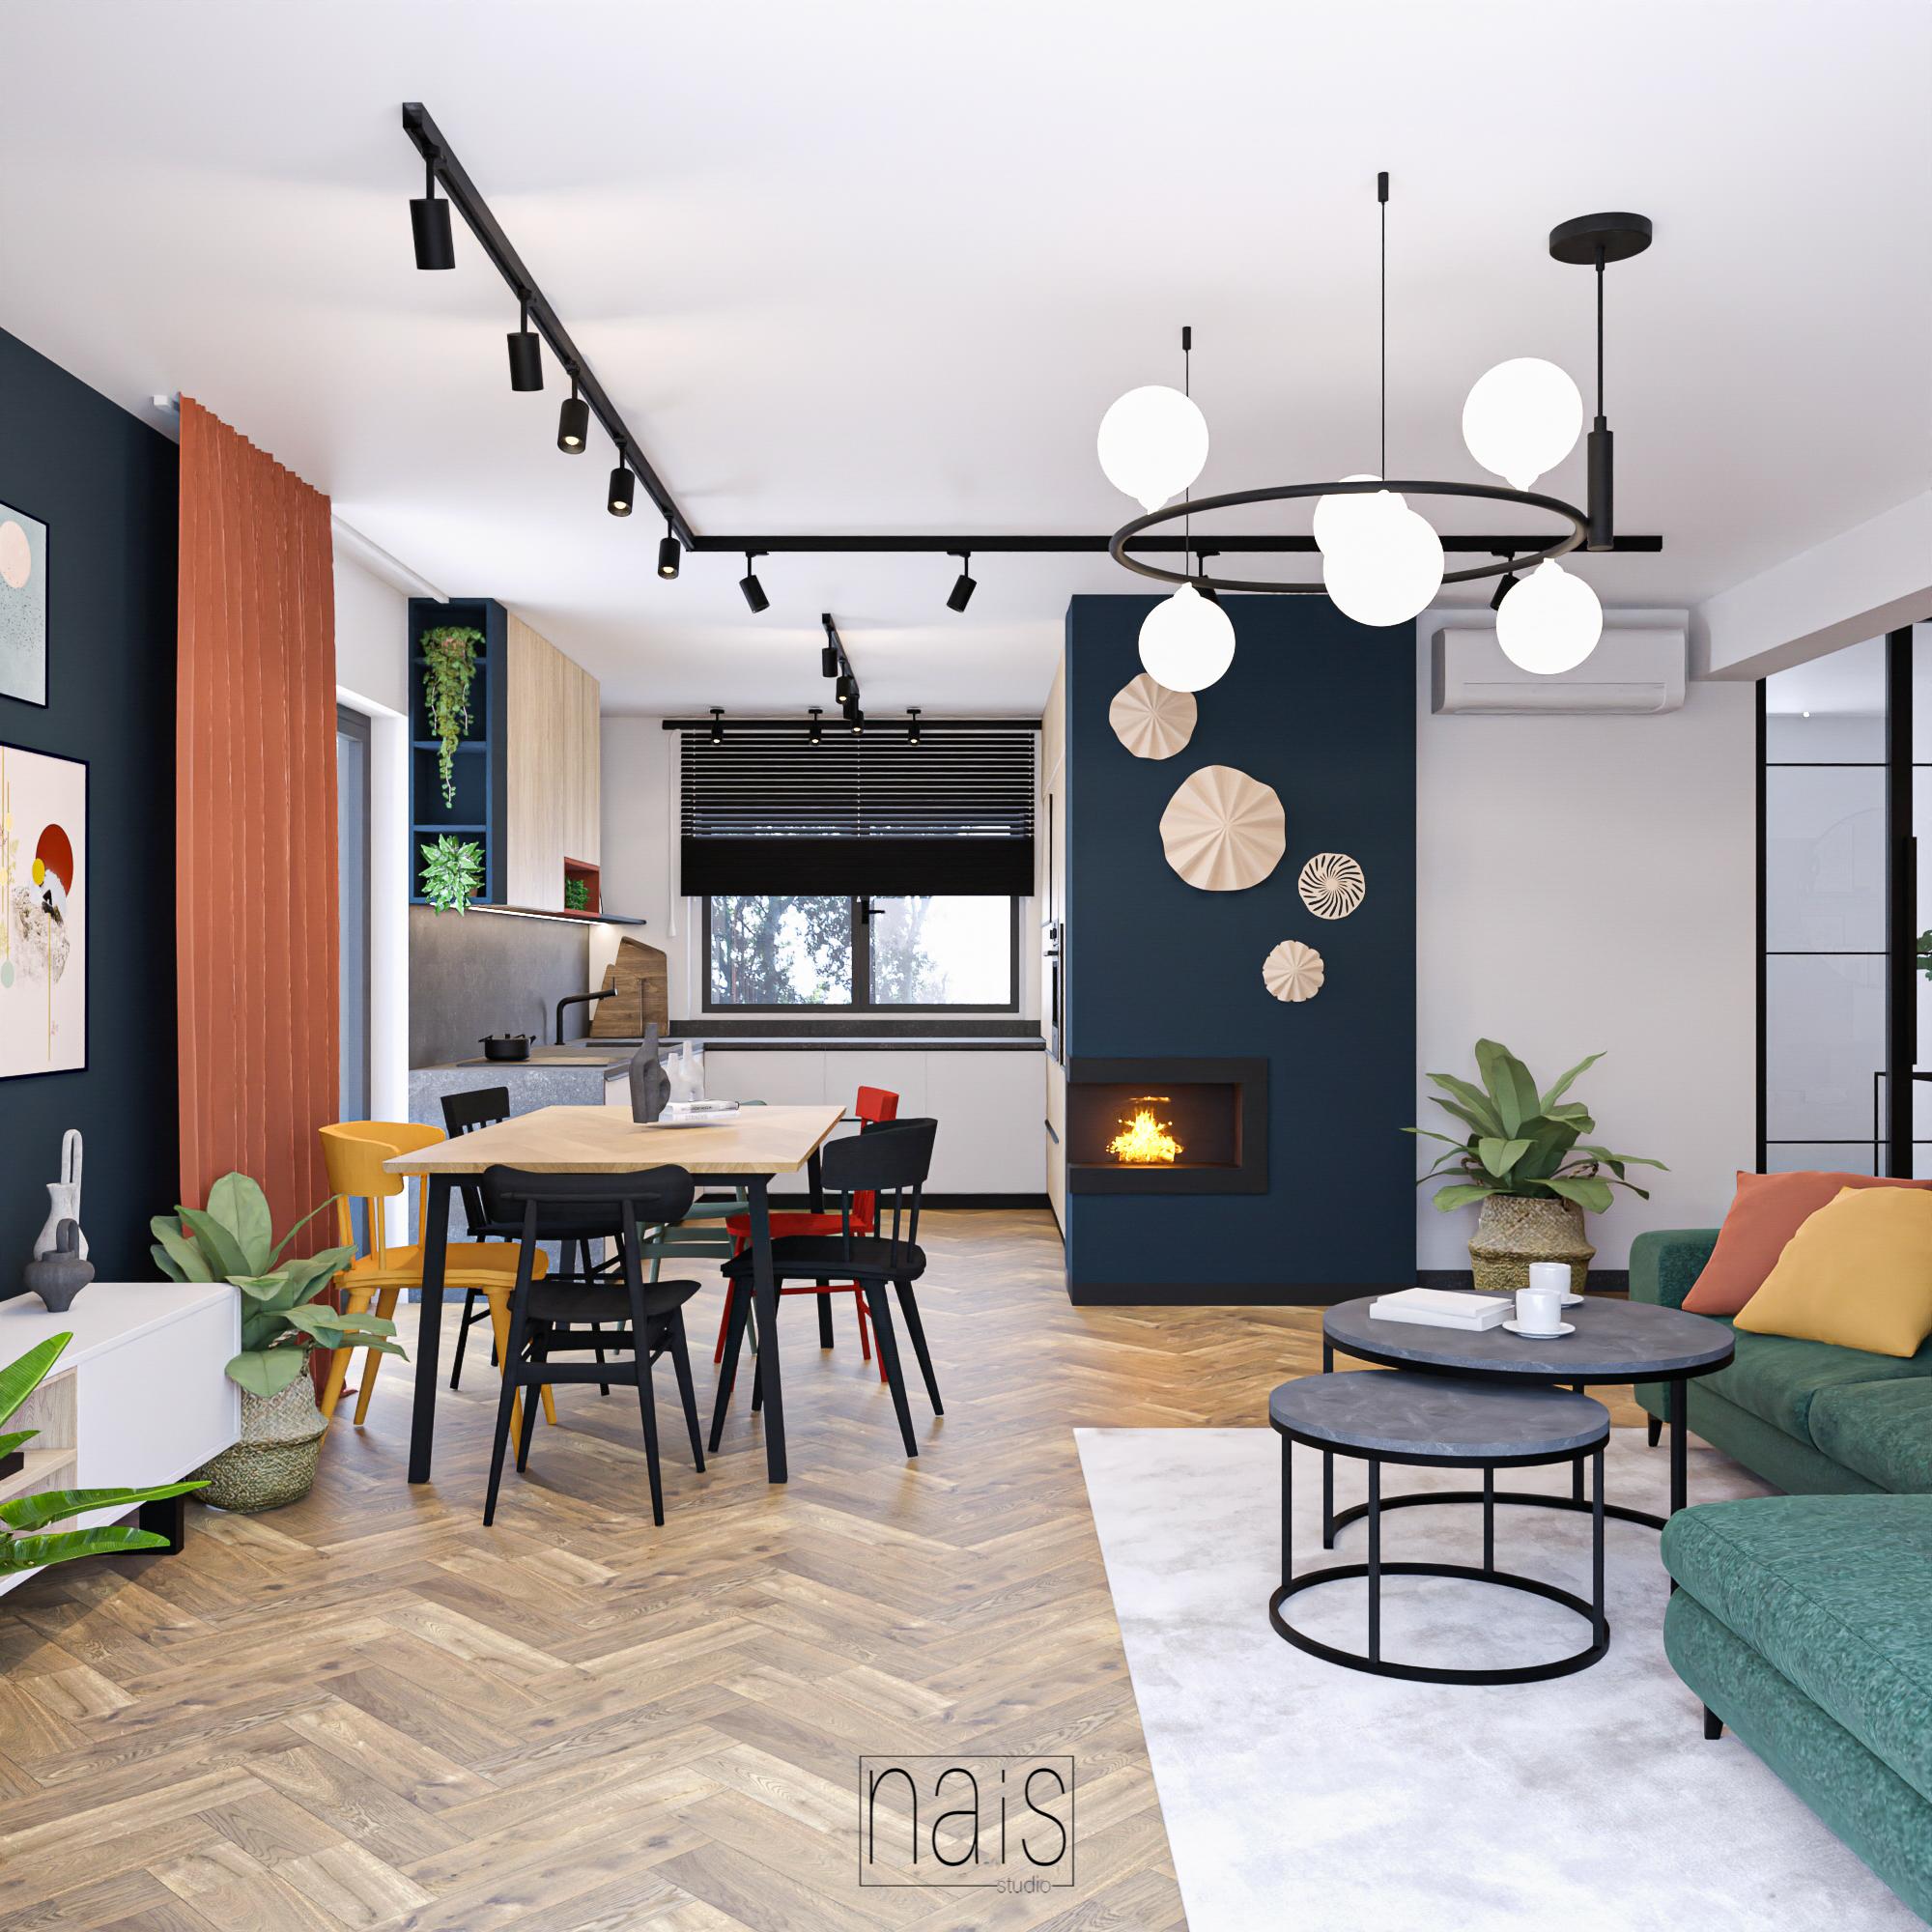 granatowy-bio-kominek-kolorowe-dodatki-drewniane-krzesla-okregle-stoliki-kawowe